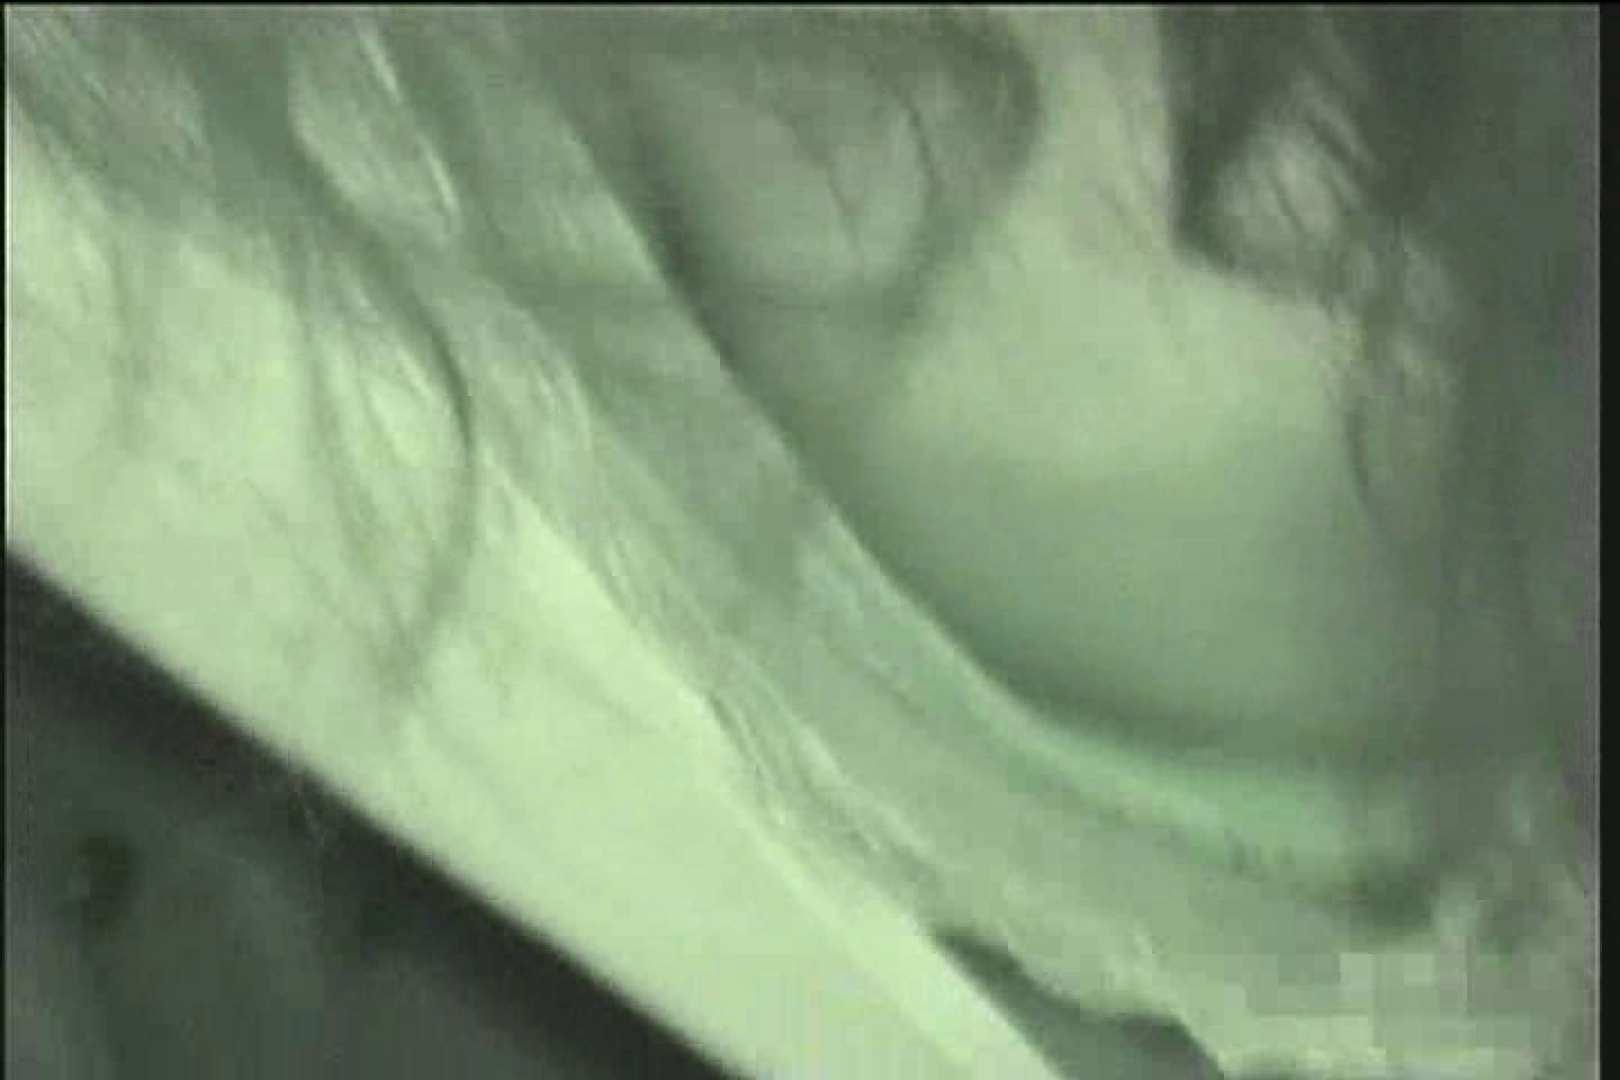 わくわく乳首探訪Vol.7 ギャルのエロ動画 女性器鑑賞 83画像 64